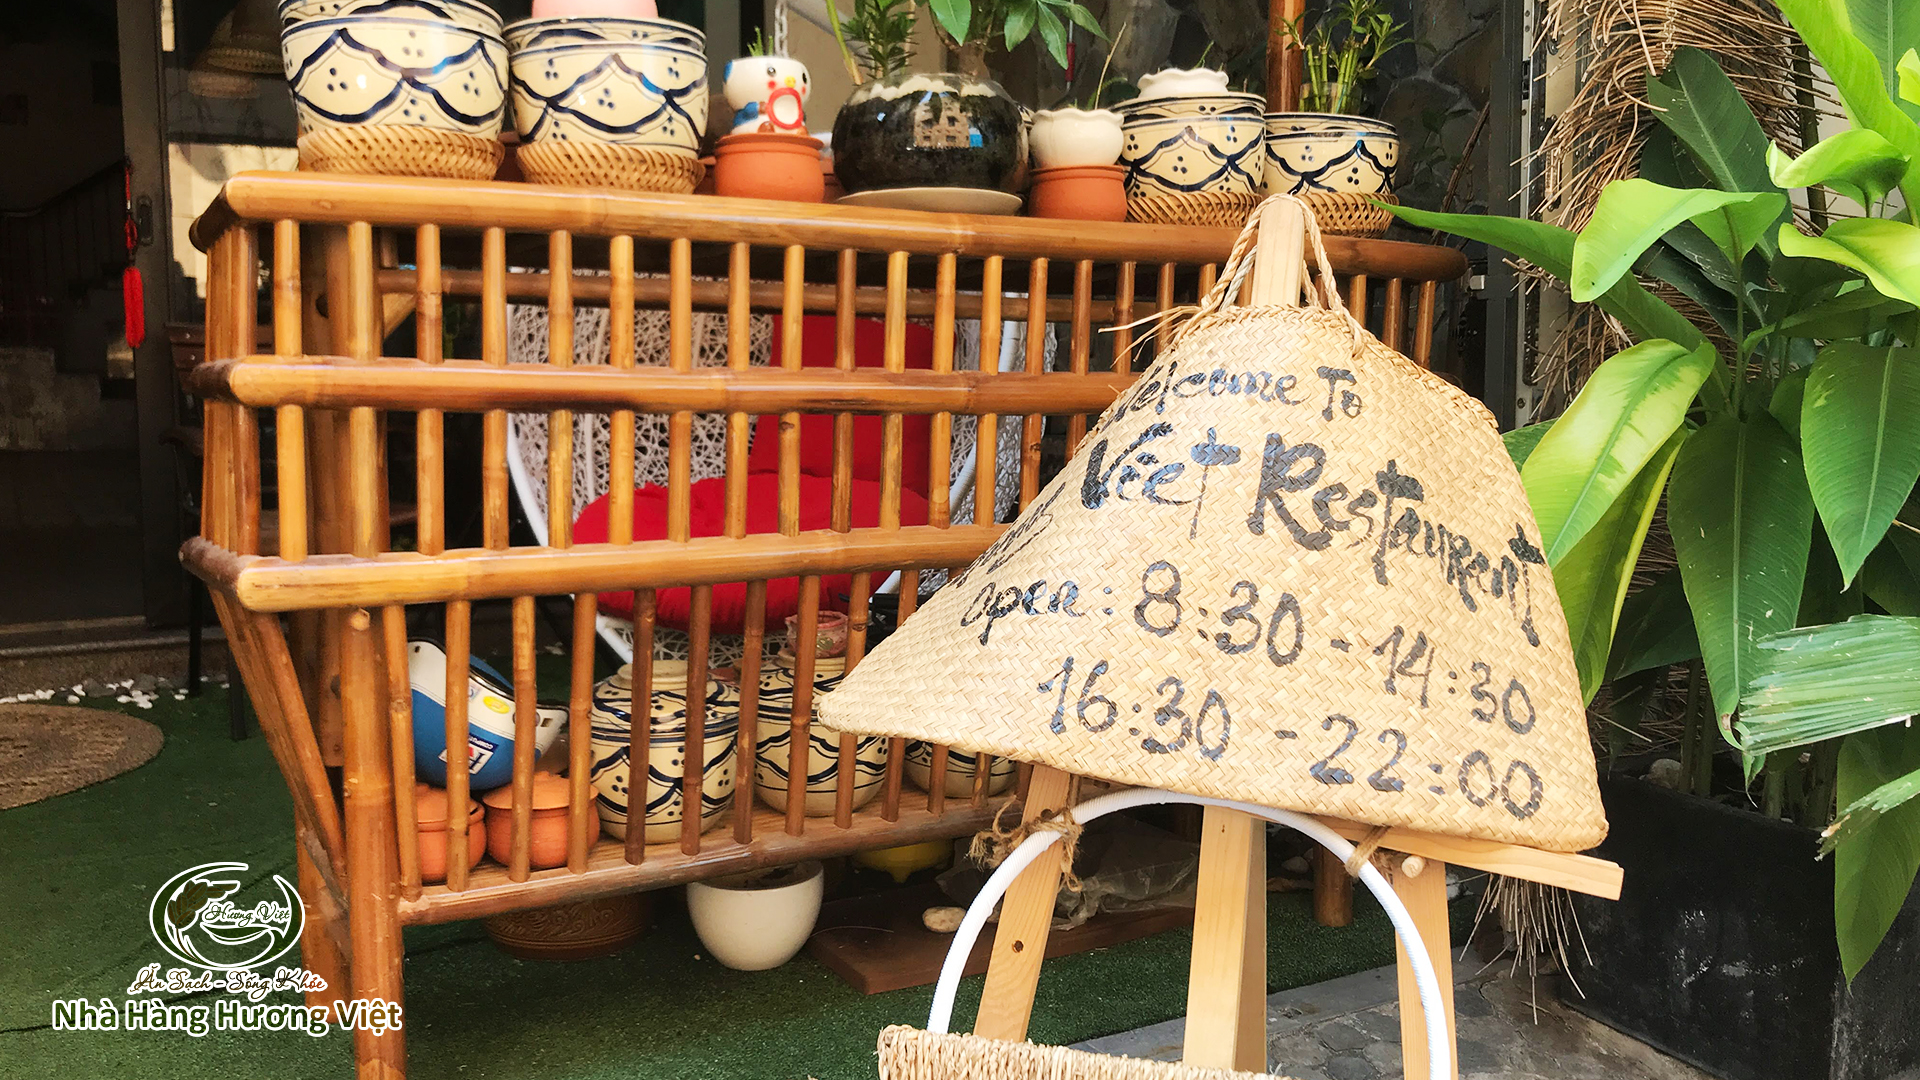 【Huong Viet Restaurant】営業時間変更のお知らせ